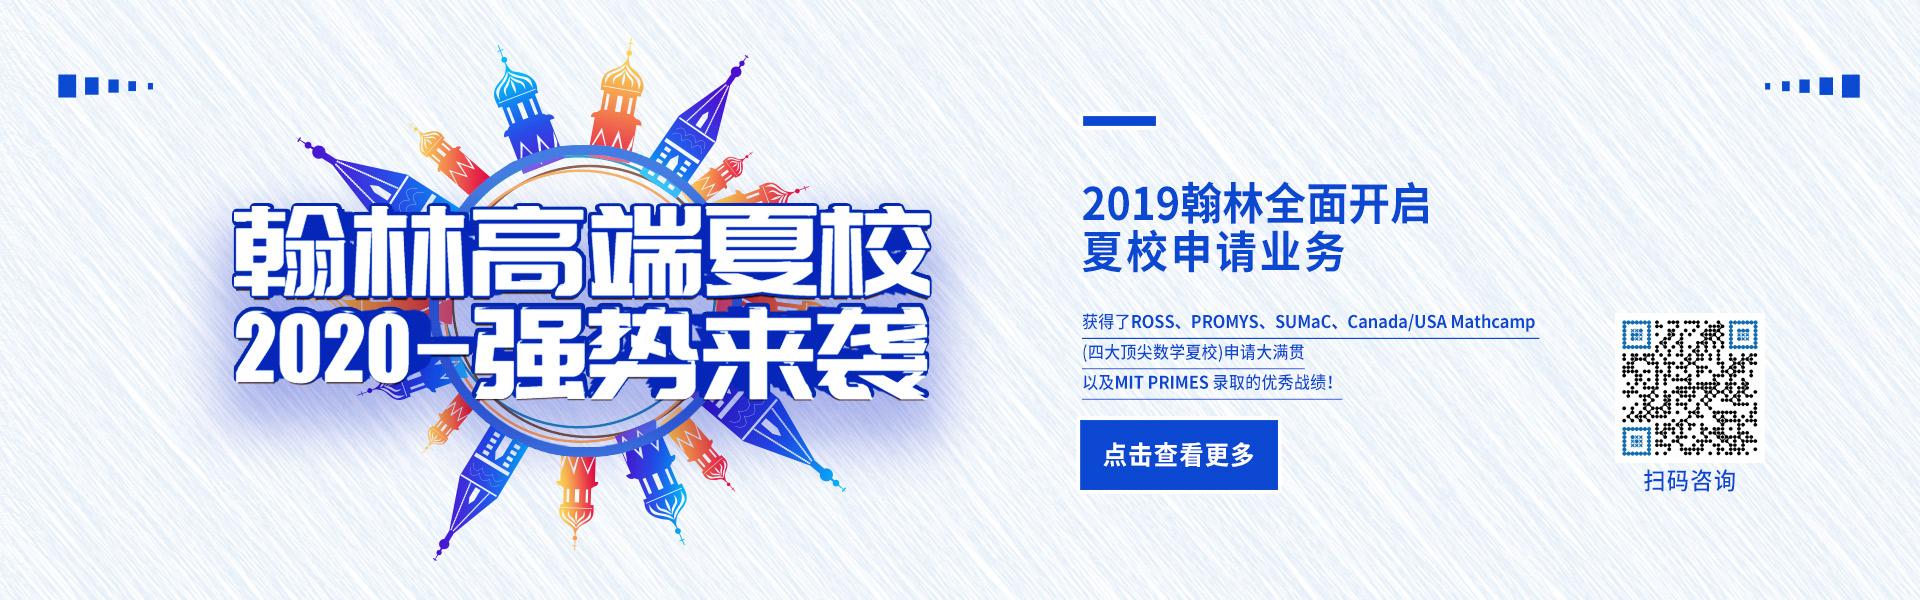 翰林夏校banner